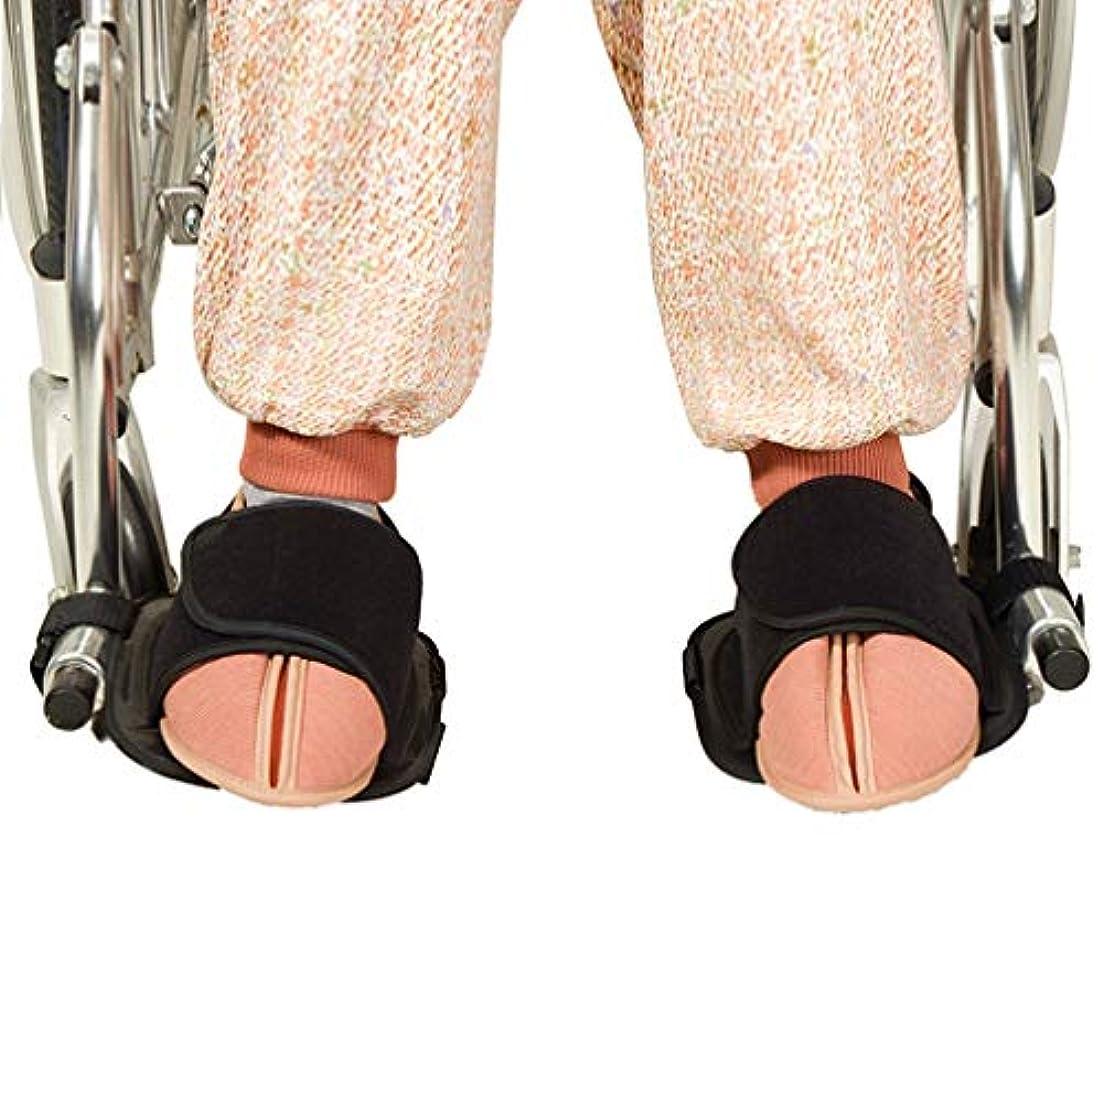 アイドル最悪パスタ車いす安全拘束靴 - メディカルフット滑り止めの試験官を - - 車椅子ペダルフット休符男性女性から滑り落ちるの足をキープ高齢患者ハンディキャップのために回復